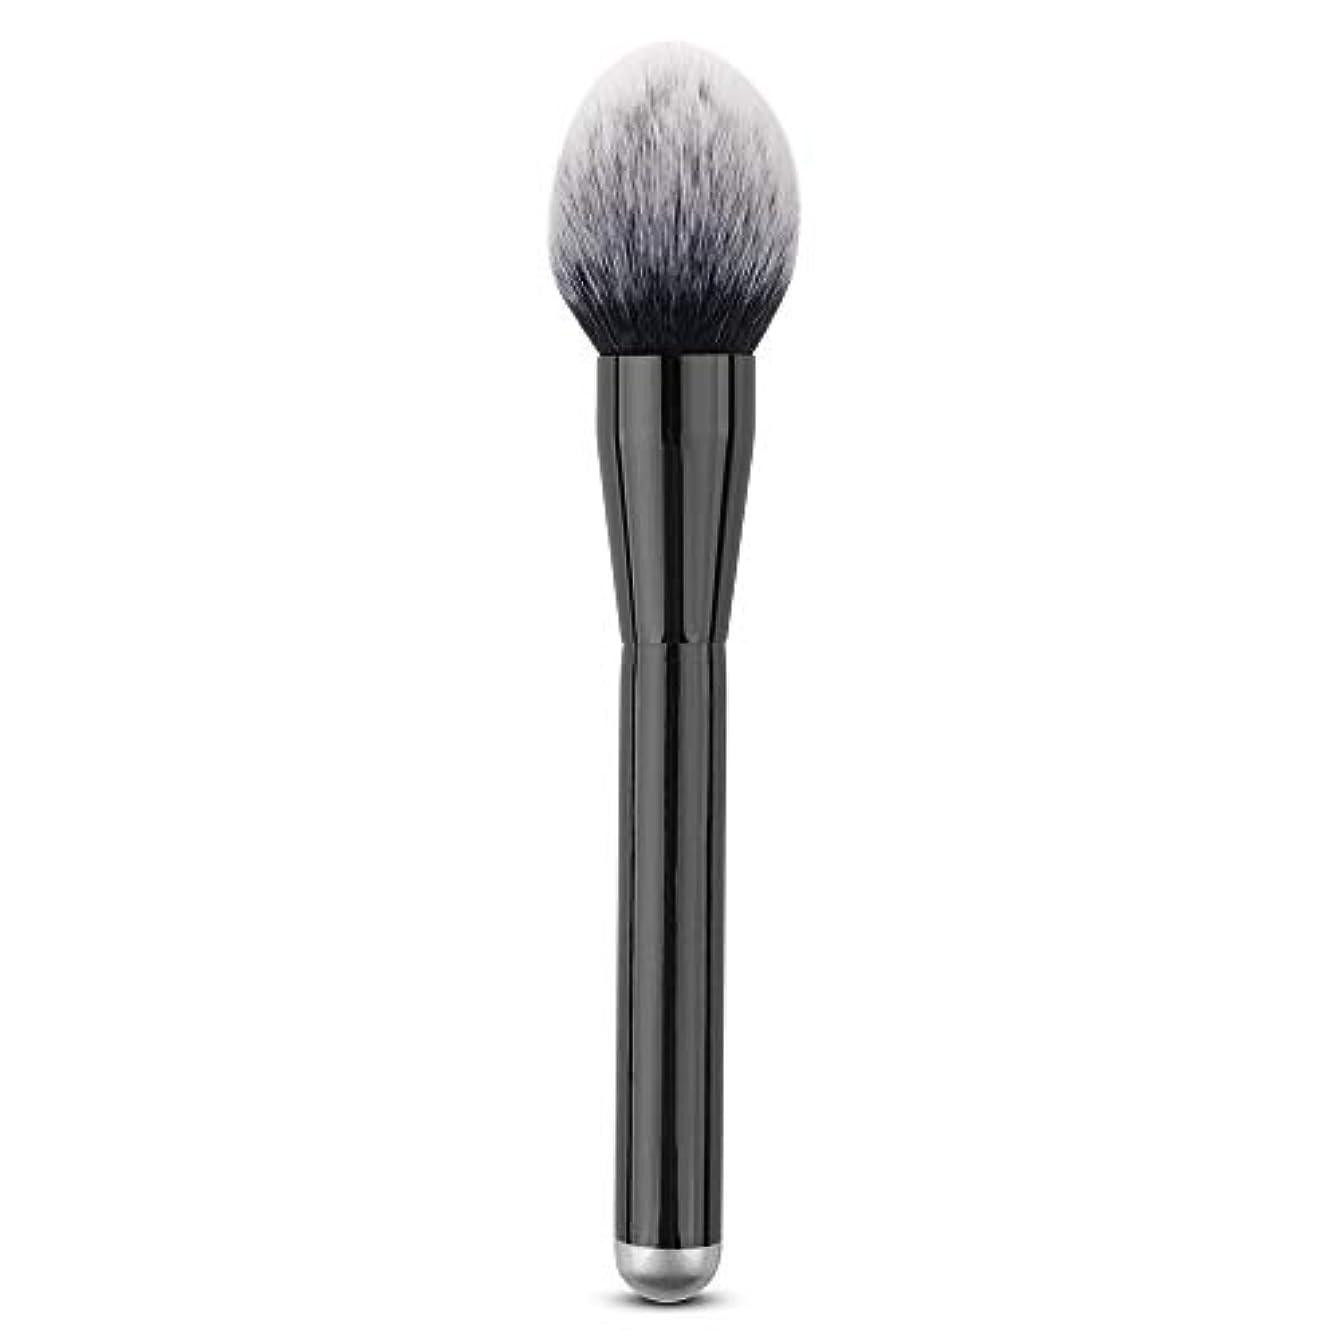 ダンスボート種をまくMakeup brushes 単一のブラシ巧みな構造のブラシ柔らかいブラシPerdurableおよび携帯用構造専門の構造のブラシ suits (Color : Black)